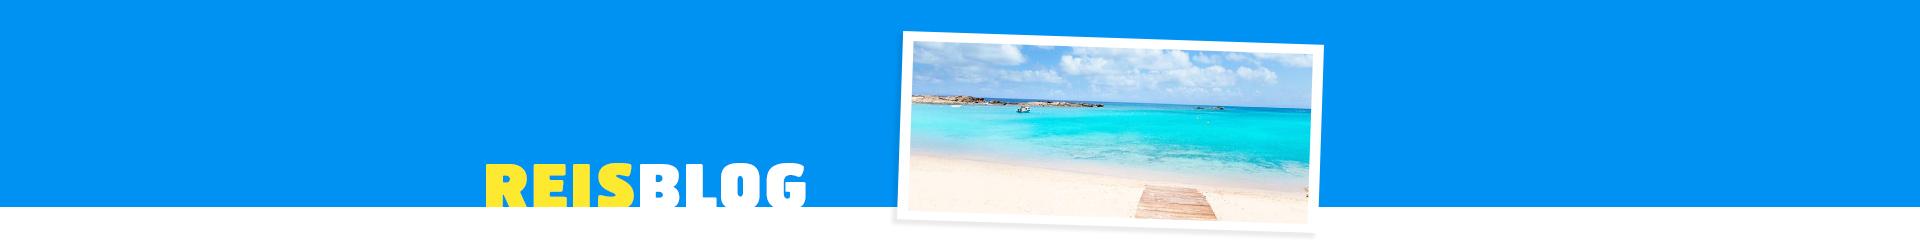 Prachtig wit strand met uitzicht op de azuurblauwe zee